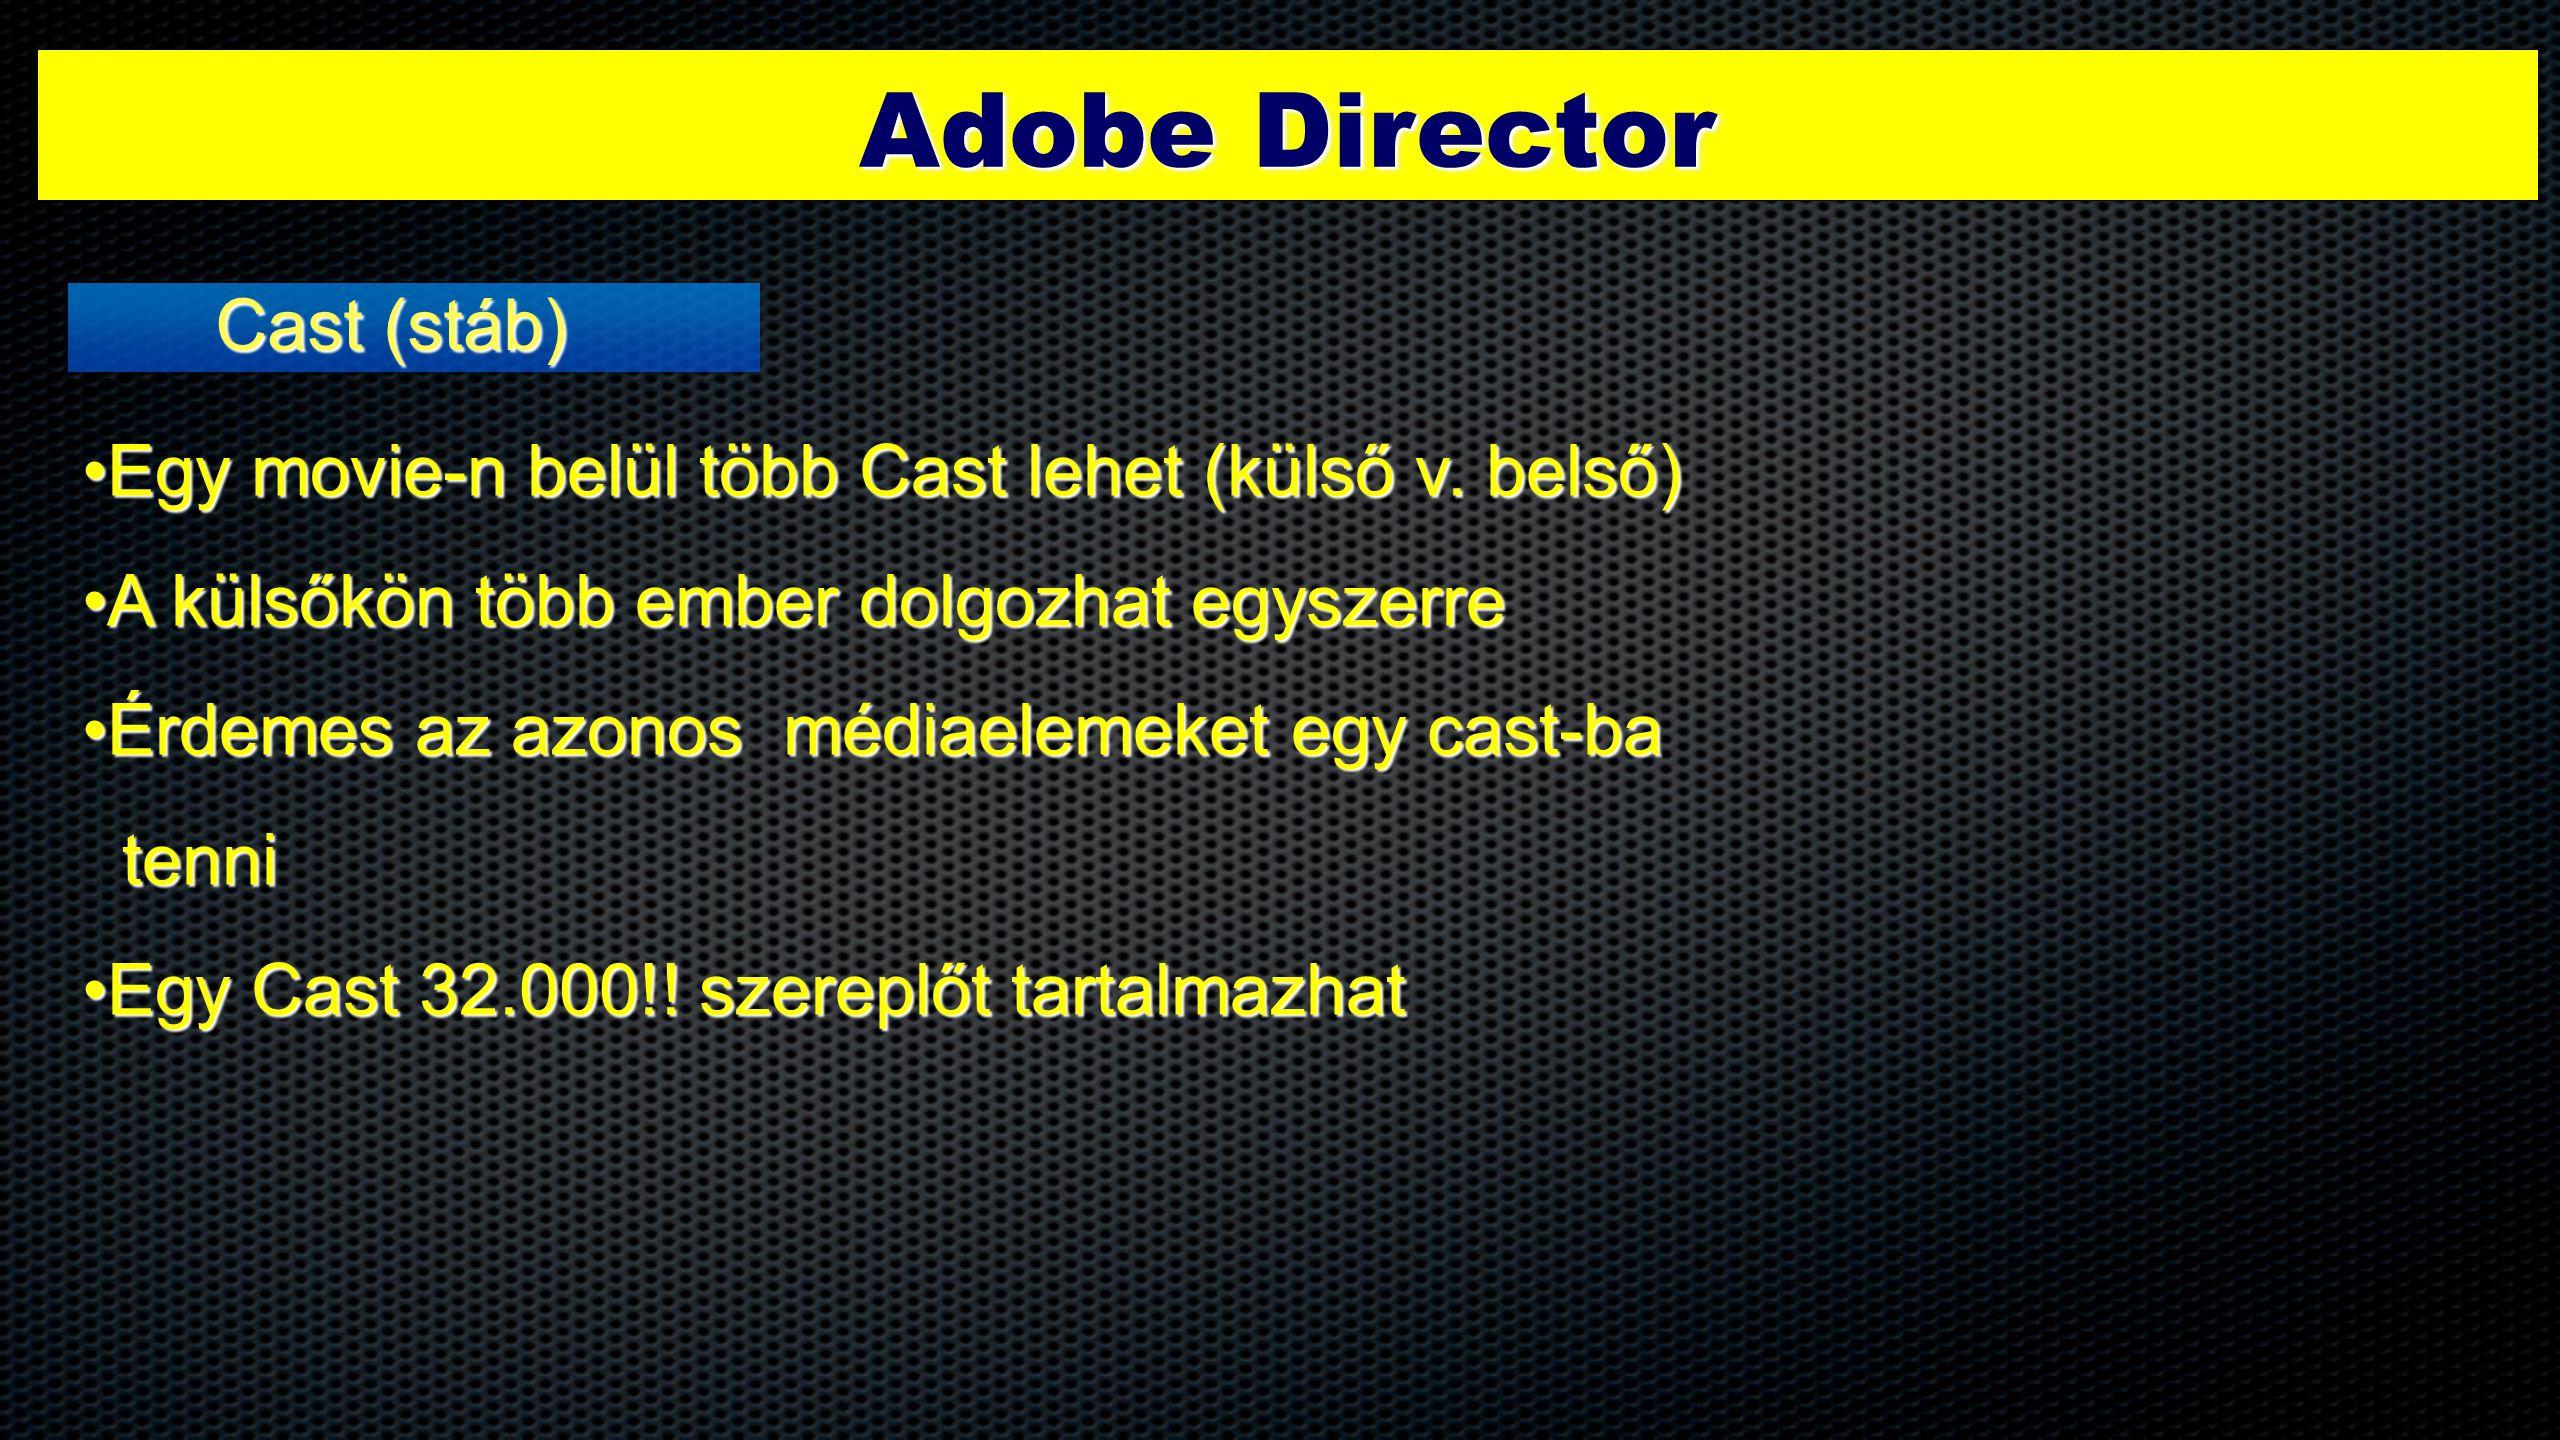 Adobe Director Cast (stáb) •Egy movie-n belül több Cast lehet (külső v. belső) •A külsőkön több ember dolgozhat egyszerre •Érdemes az azonos médiaelem